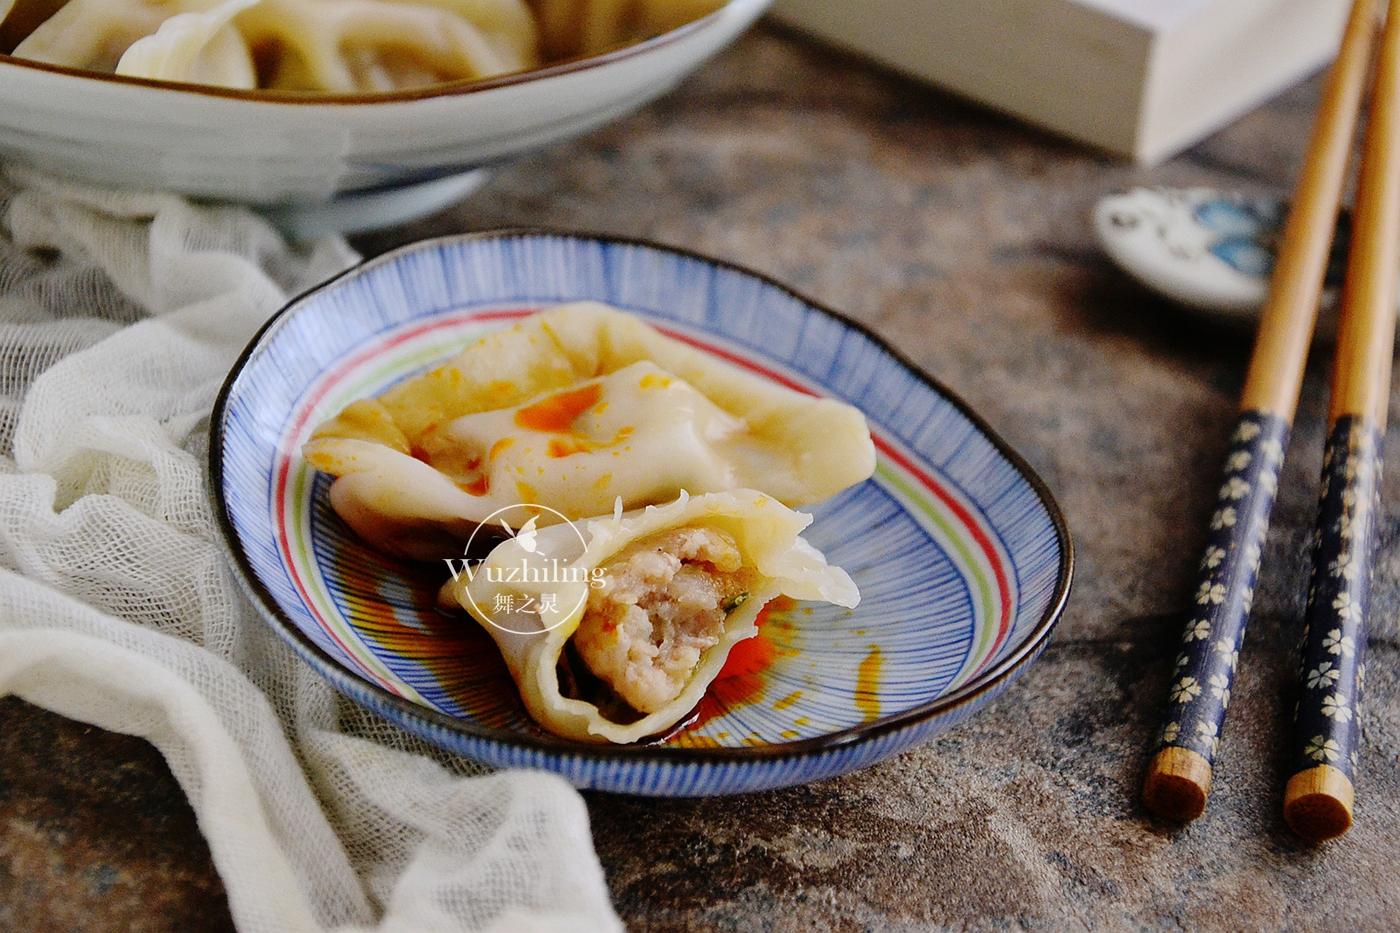 头伏要吃饺子,这种馅清爽不油腻,3元买一堆,全家都爱吃